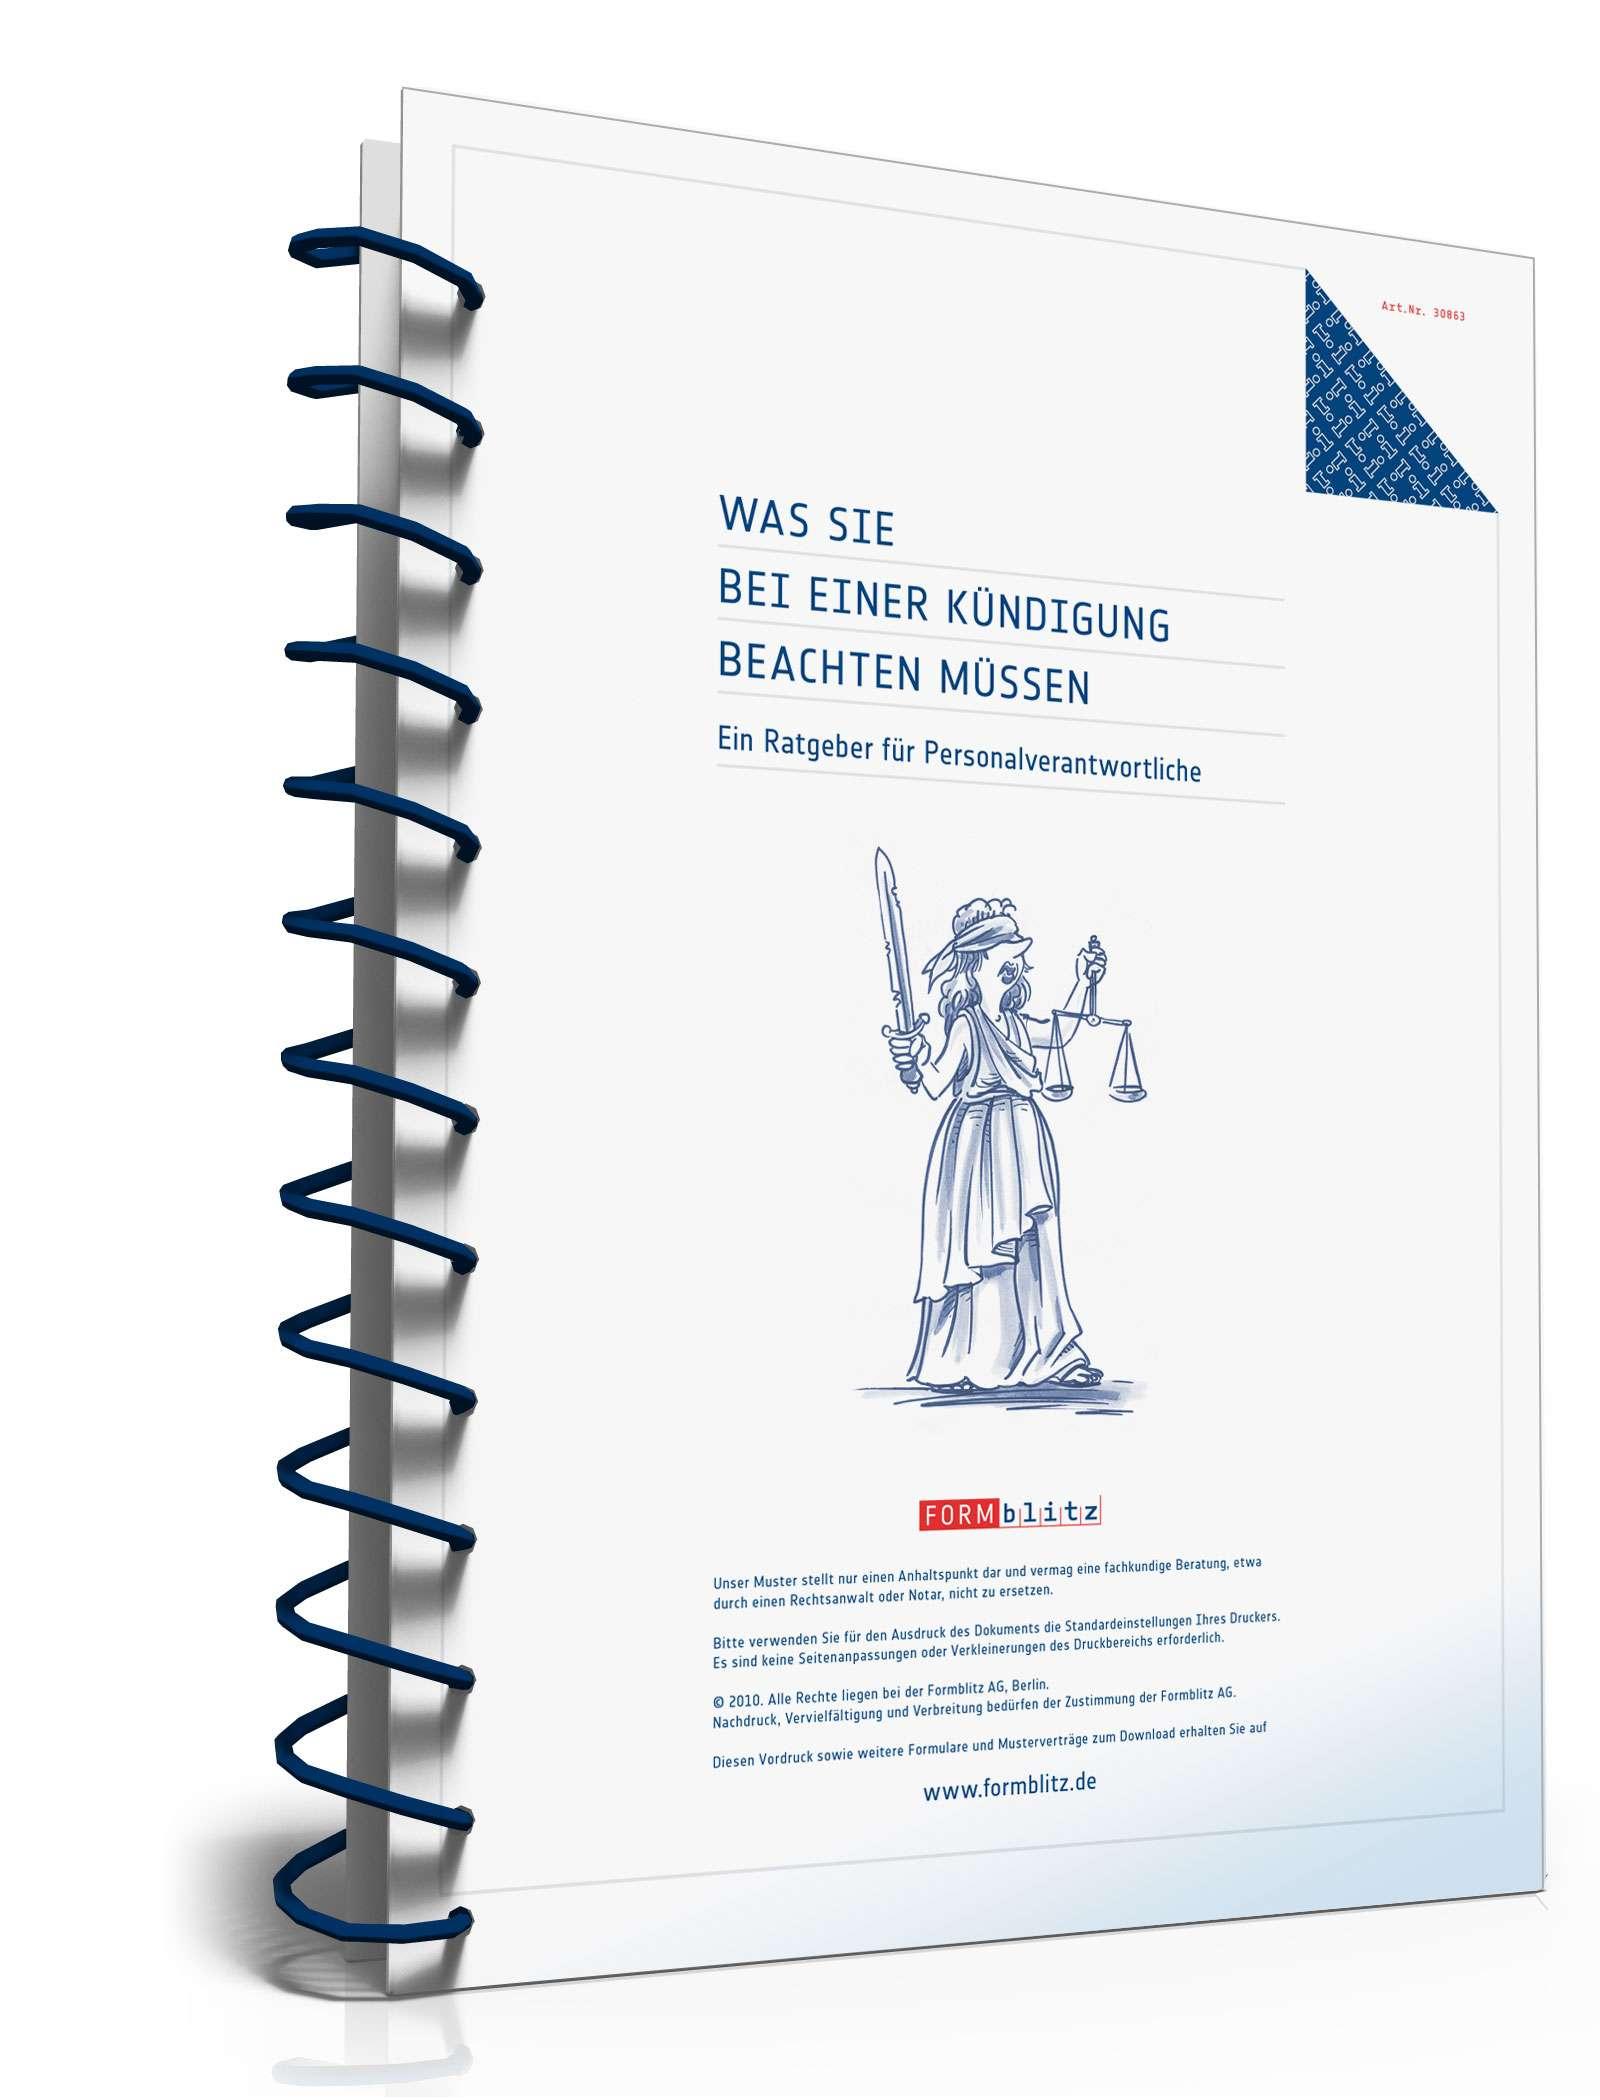 Arbeitgeber Paket Kündigungen Muster Vorlagen Und Ratgeber